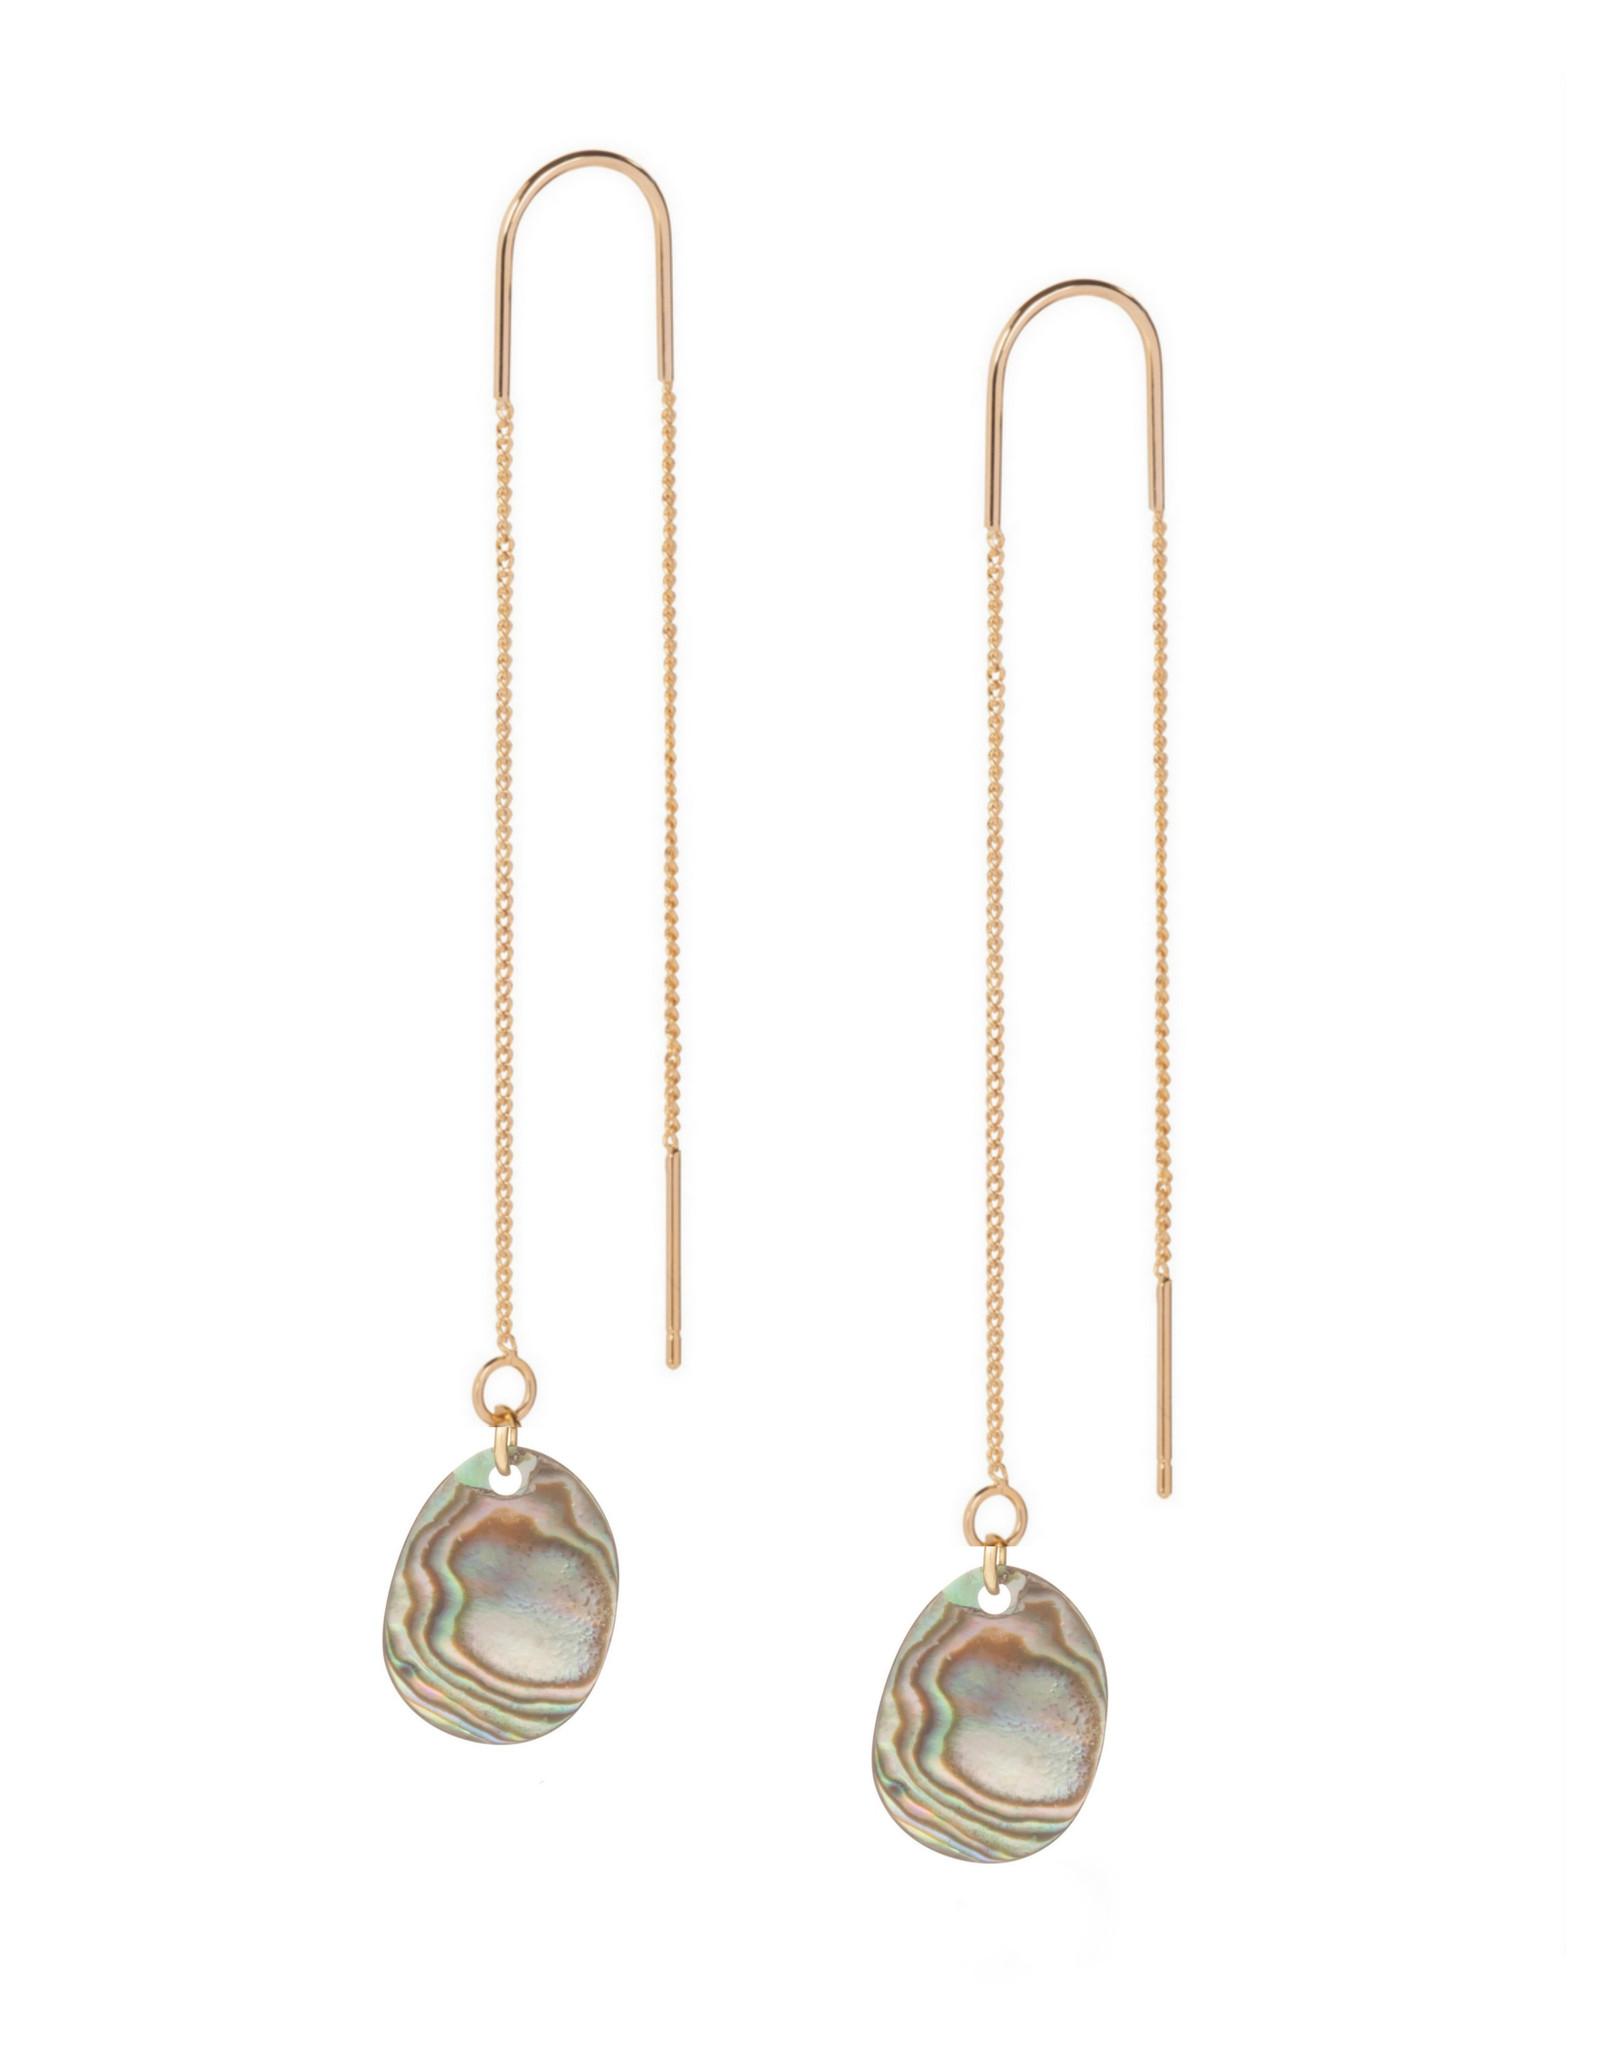 Earthreads organische hanger parelmoer grijs